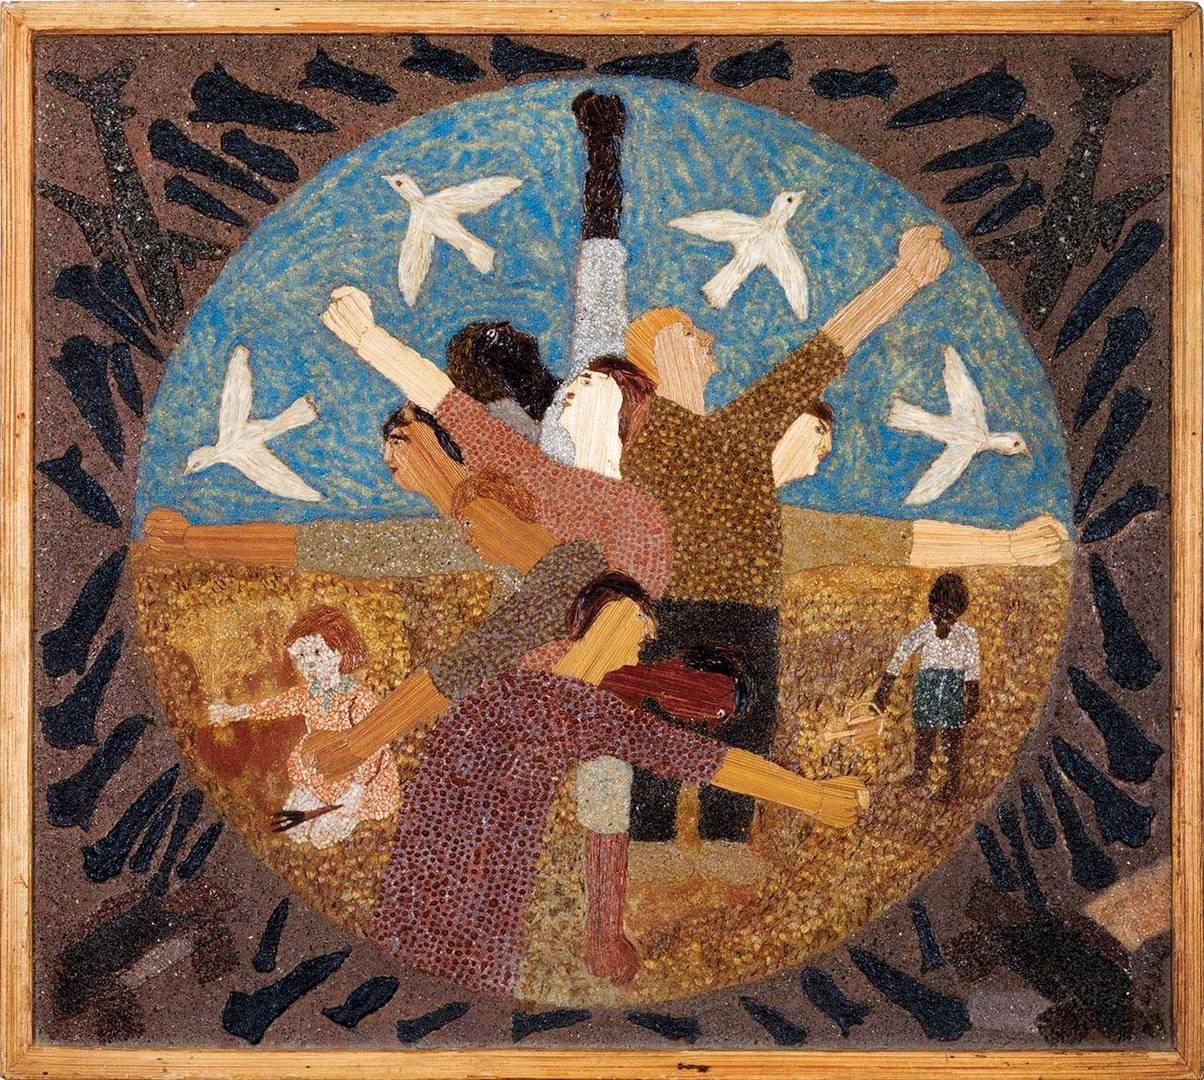 באחדות נגד מלחמה, 1983